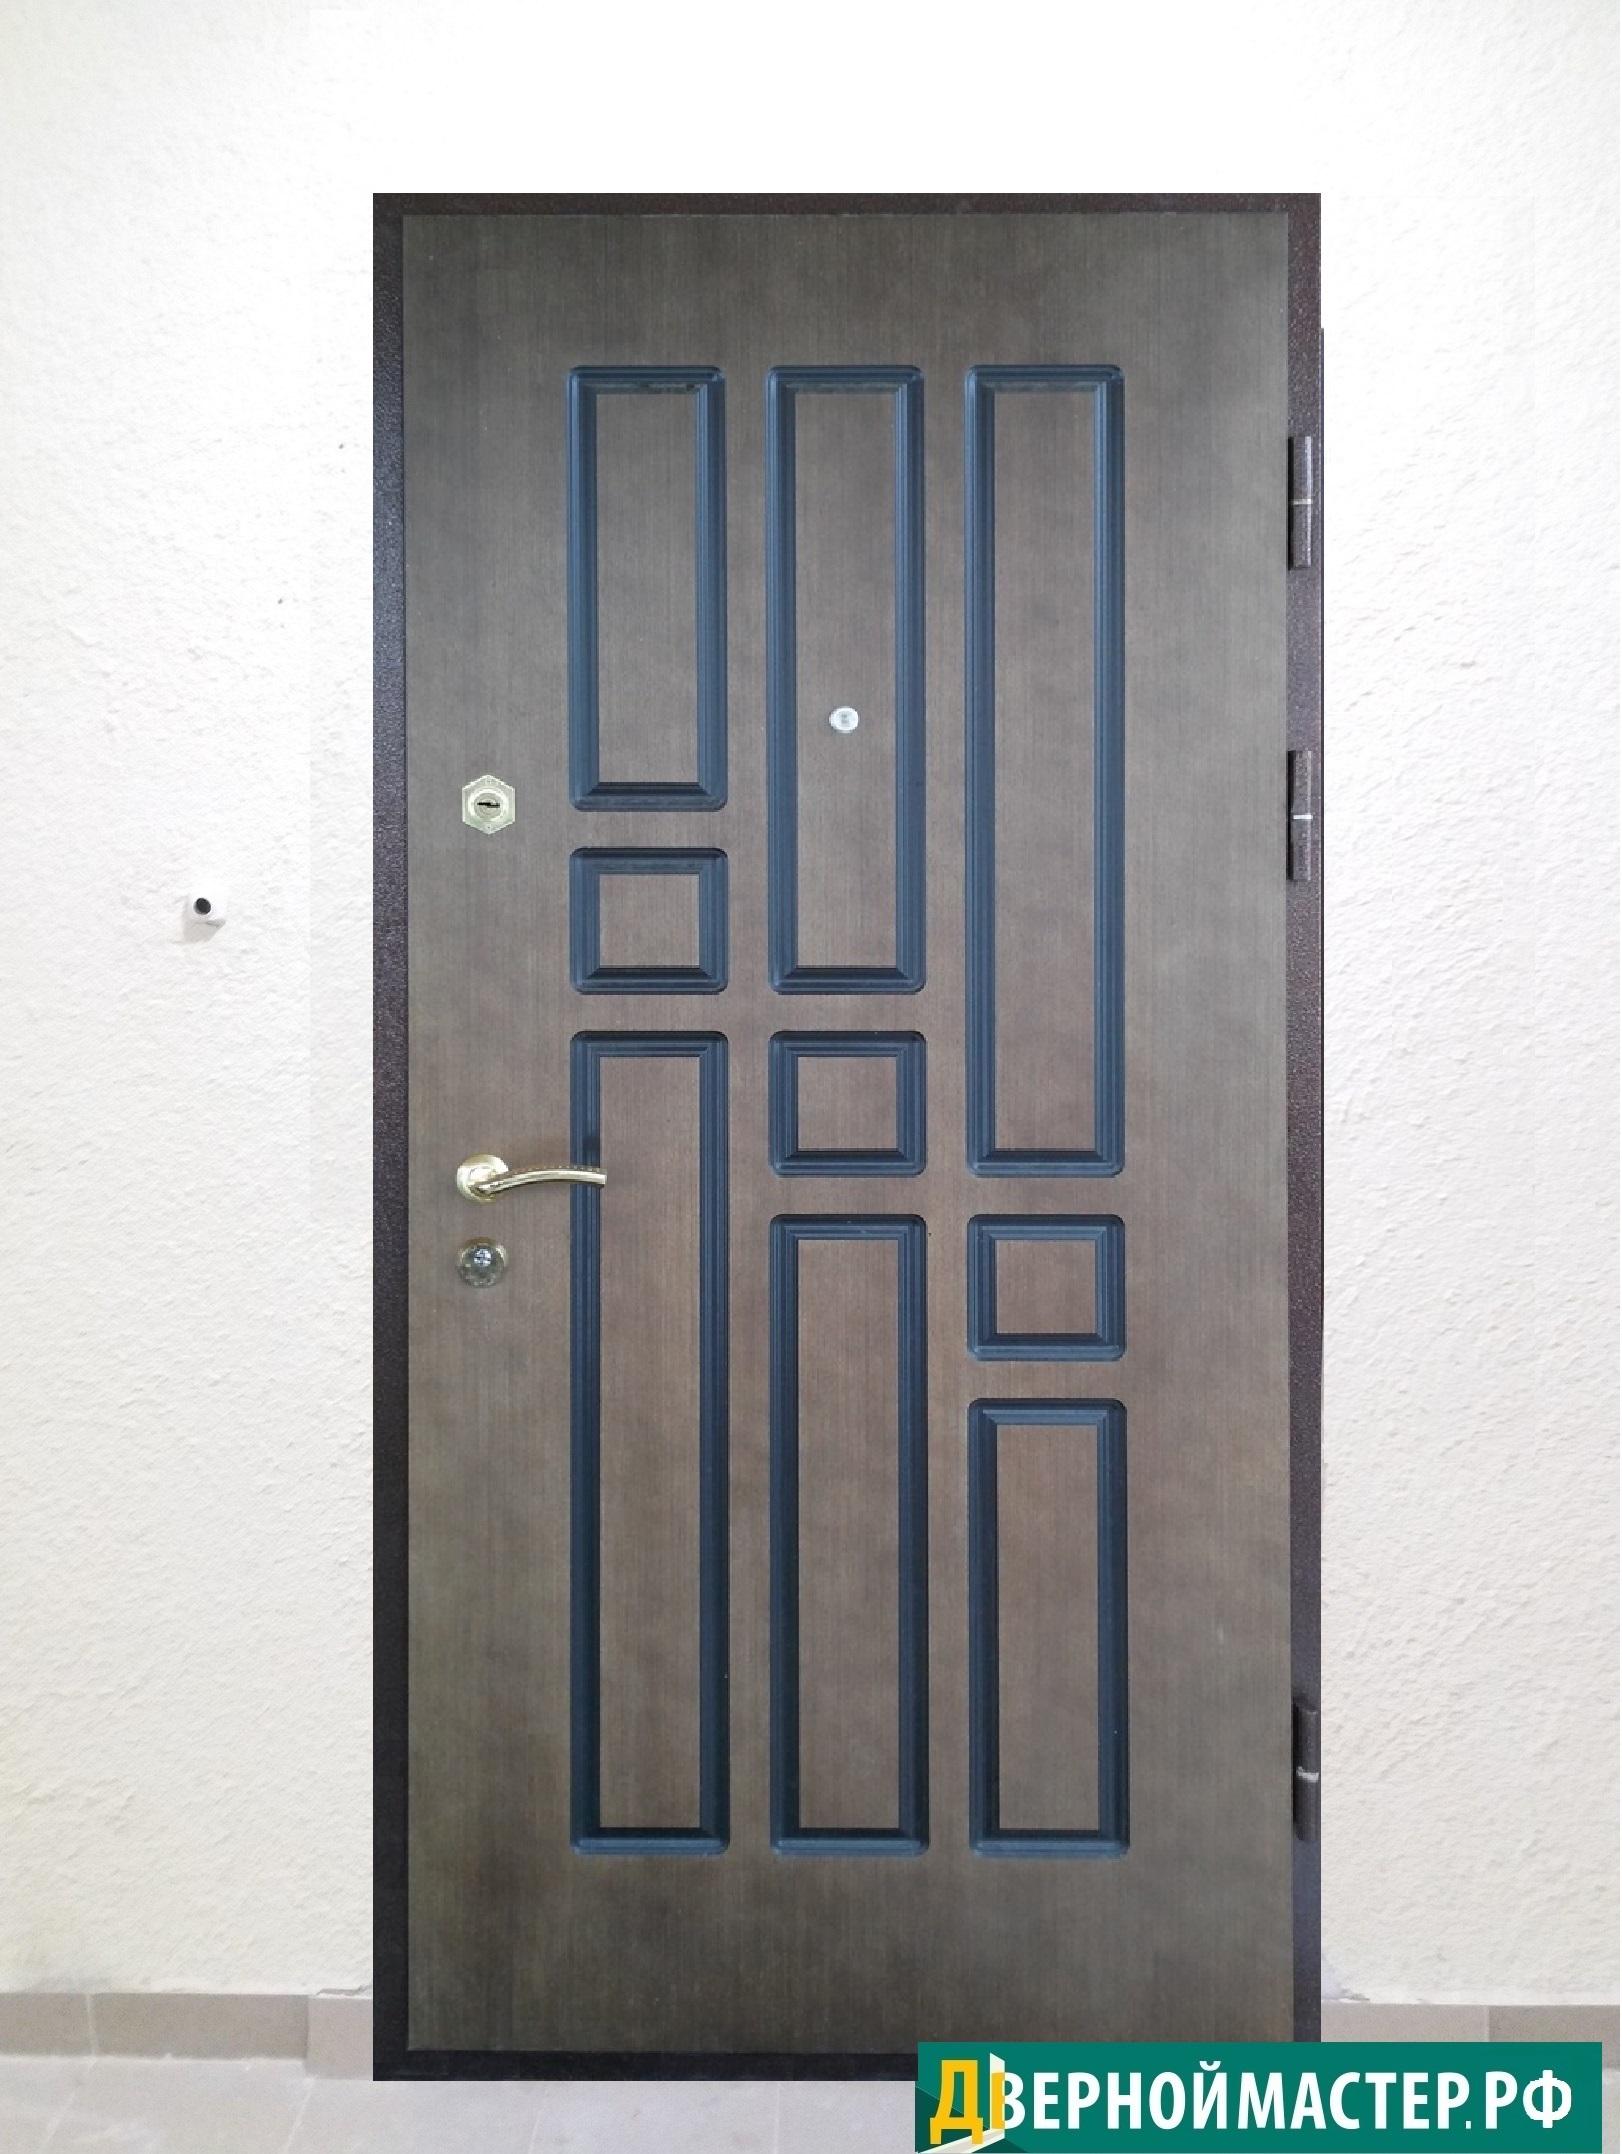 Купить входную металлическую дверь в квартиру по сниженной цене очень выгодно.